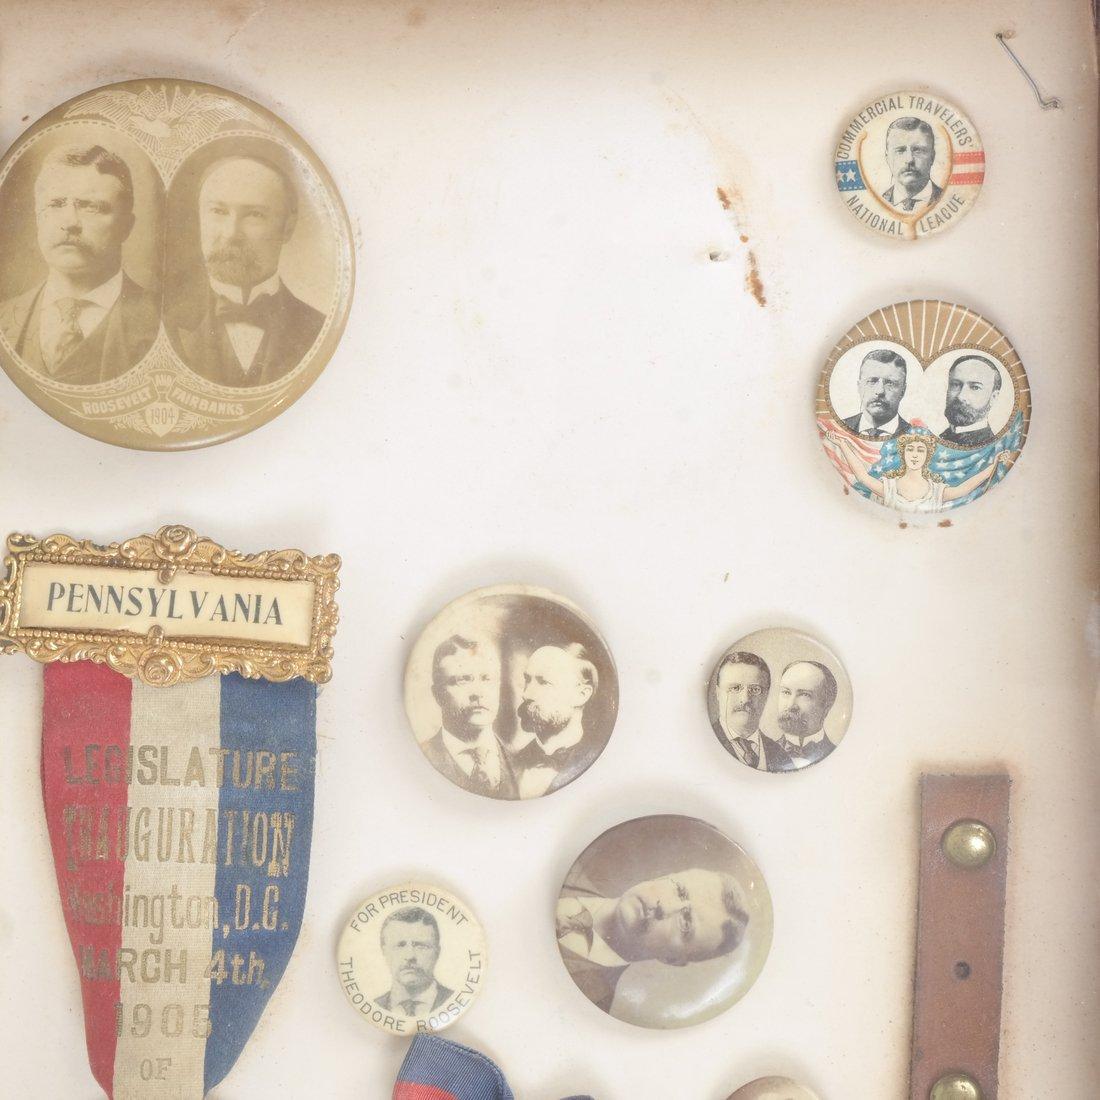 Monroe D. Ray Frame - T. Roosevelt & C.W. Fairbanks - 3